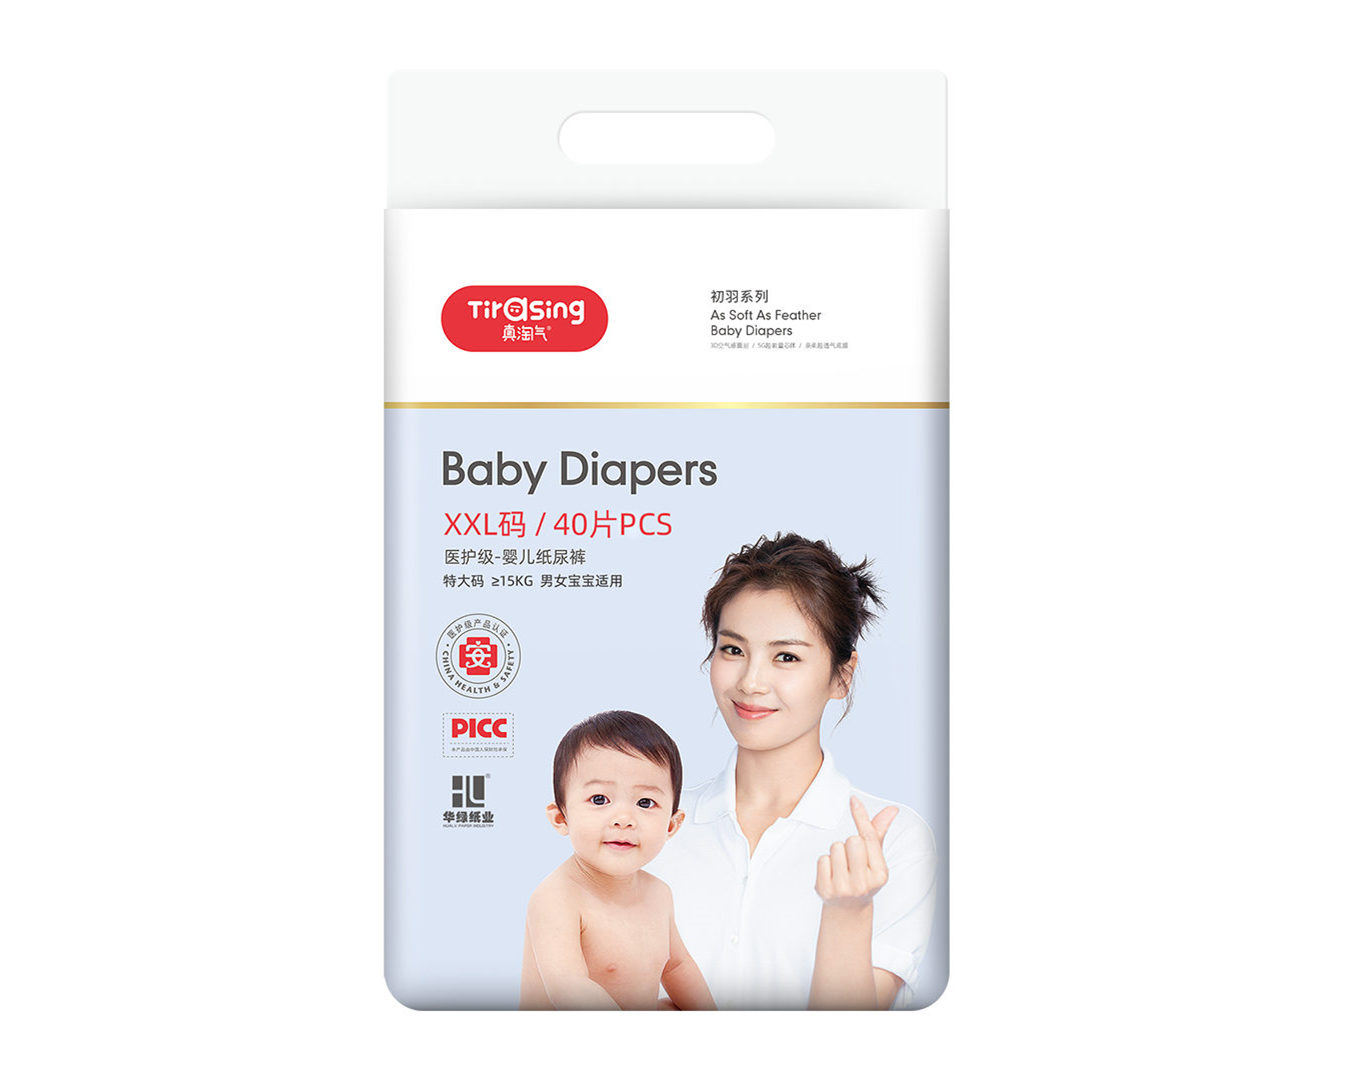 嬰兒紙尿褲代加工-的紙尿褲廠家在福建